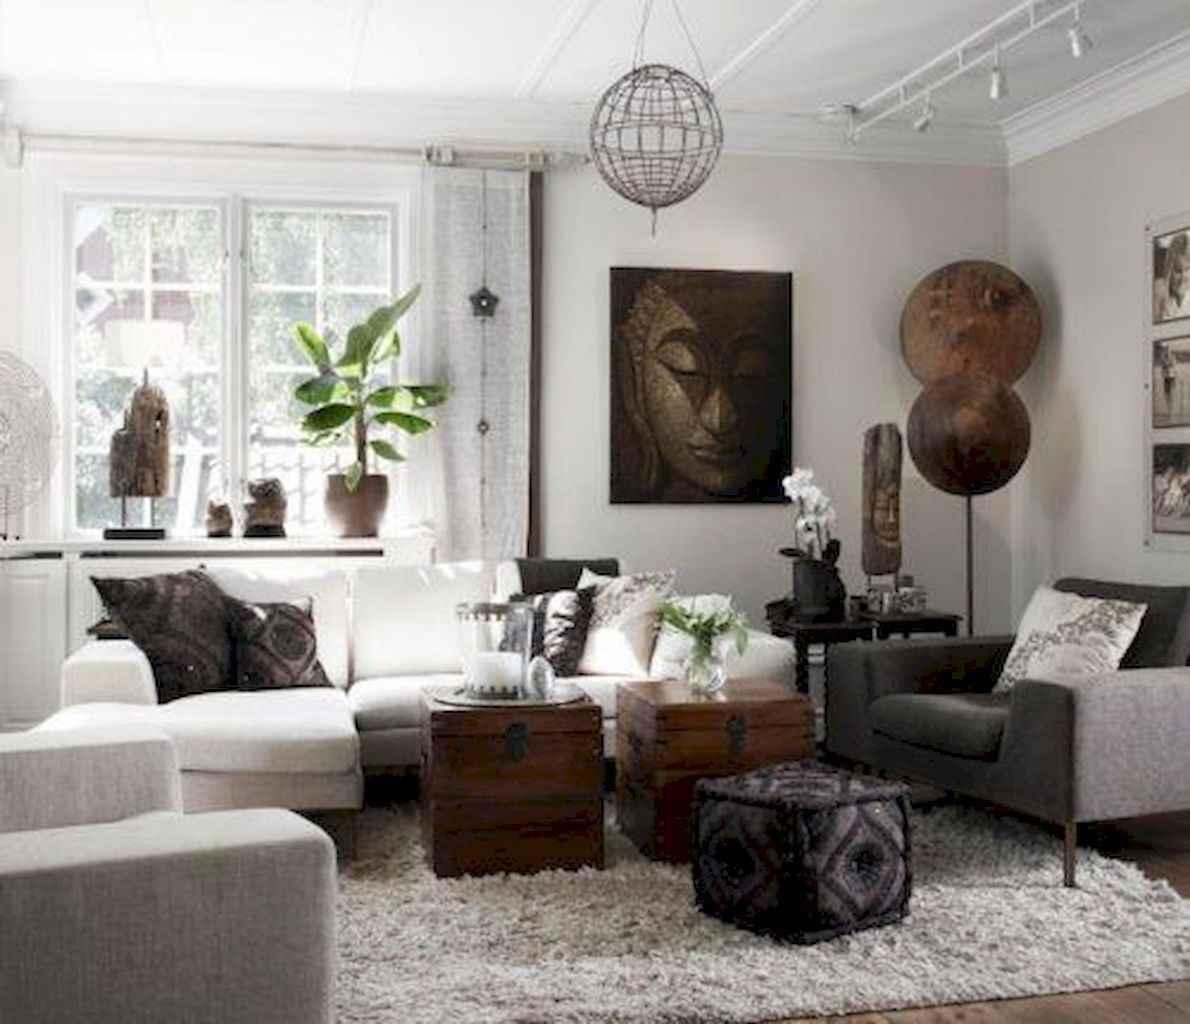 35 Asian Living Room Decor Ideas (16) - CoachDecor.com